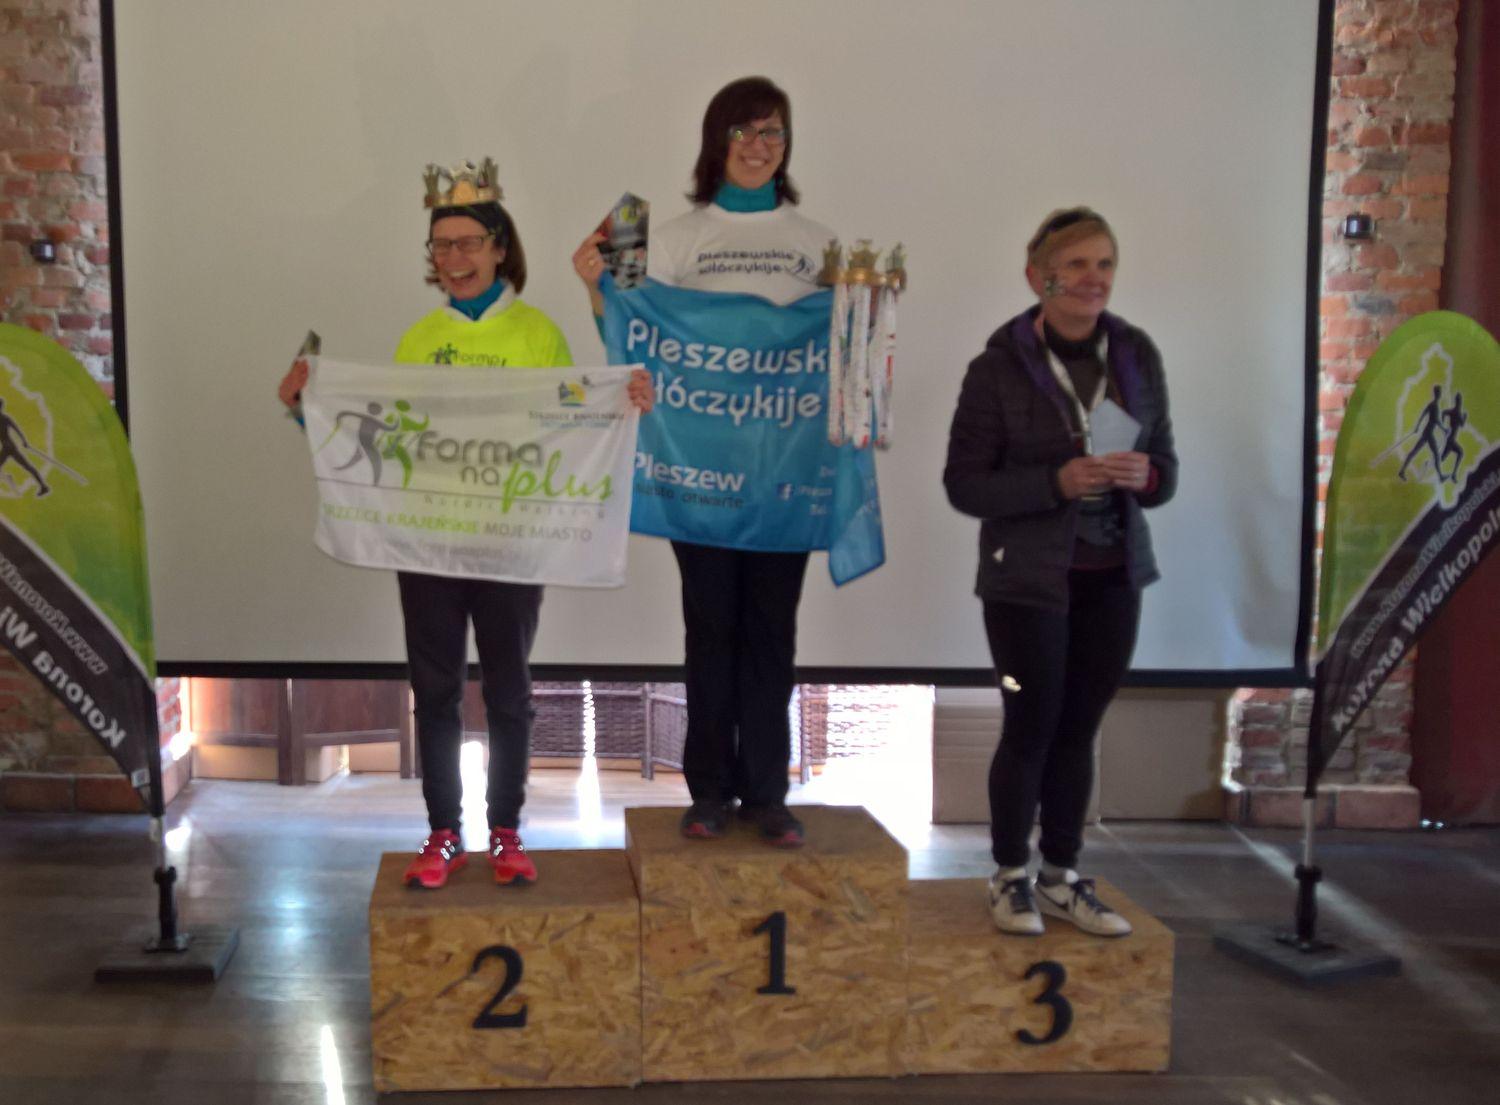 61 Pleszewskie Włóczykije nordic walking Pleszew Fitness Klub Active Fit Traugutta 30